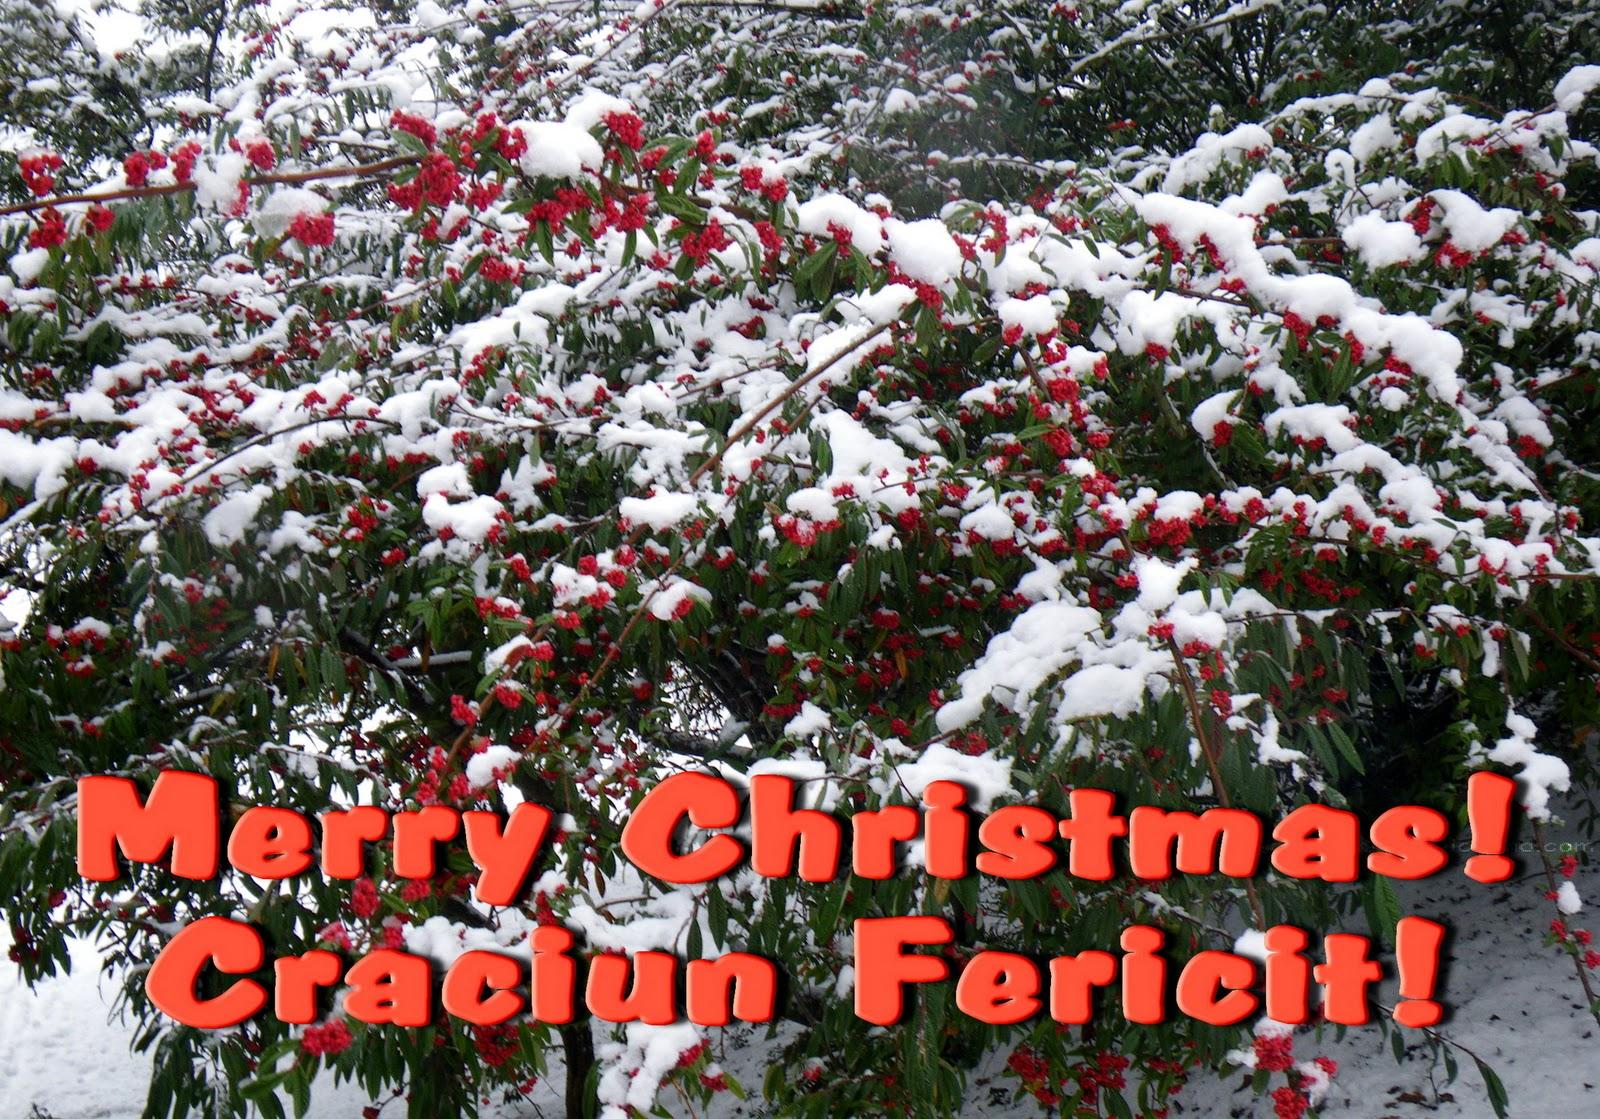 Romaniamagicland 2011 merry christmas craciun fericit m4hsunfo